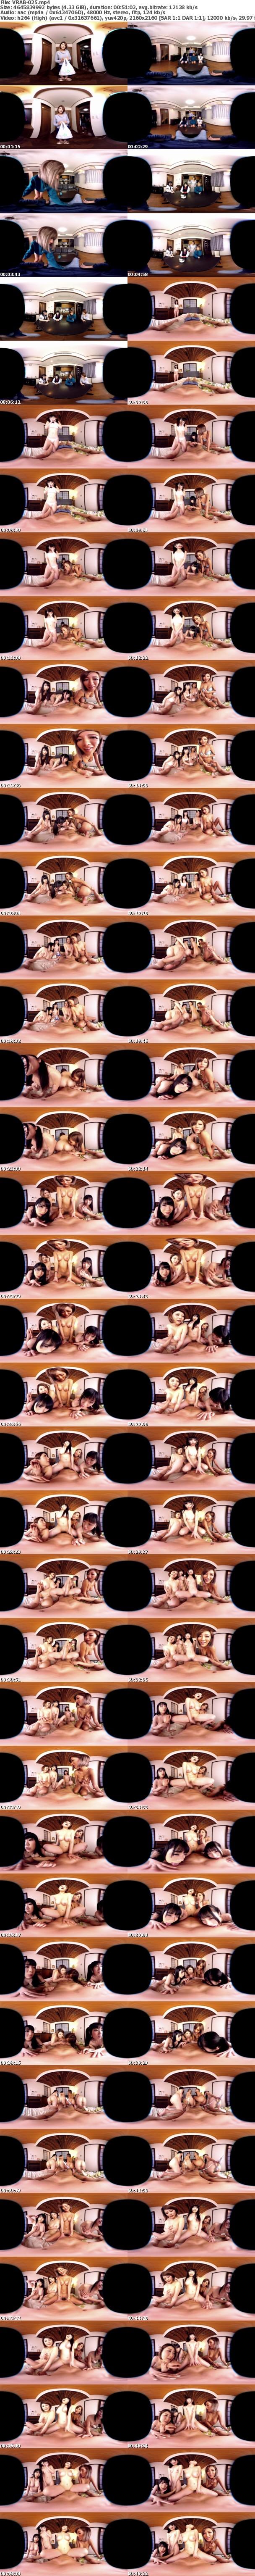 VR/3D [VRAB-025] 【VR】アダルトエクスポで話題の新作!長尺3DVR!淫乱4人姉妹の家に居候したらそこは花園天国だった